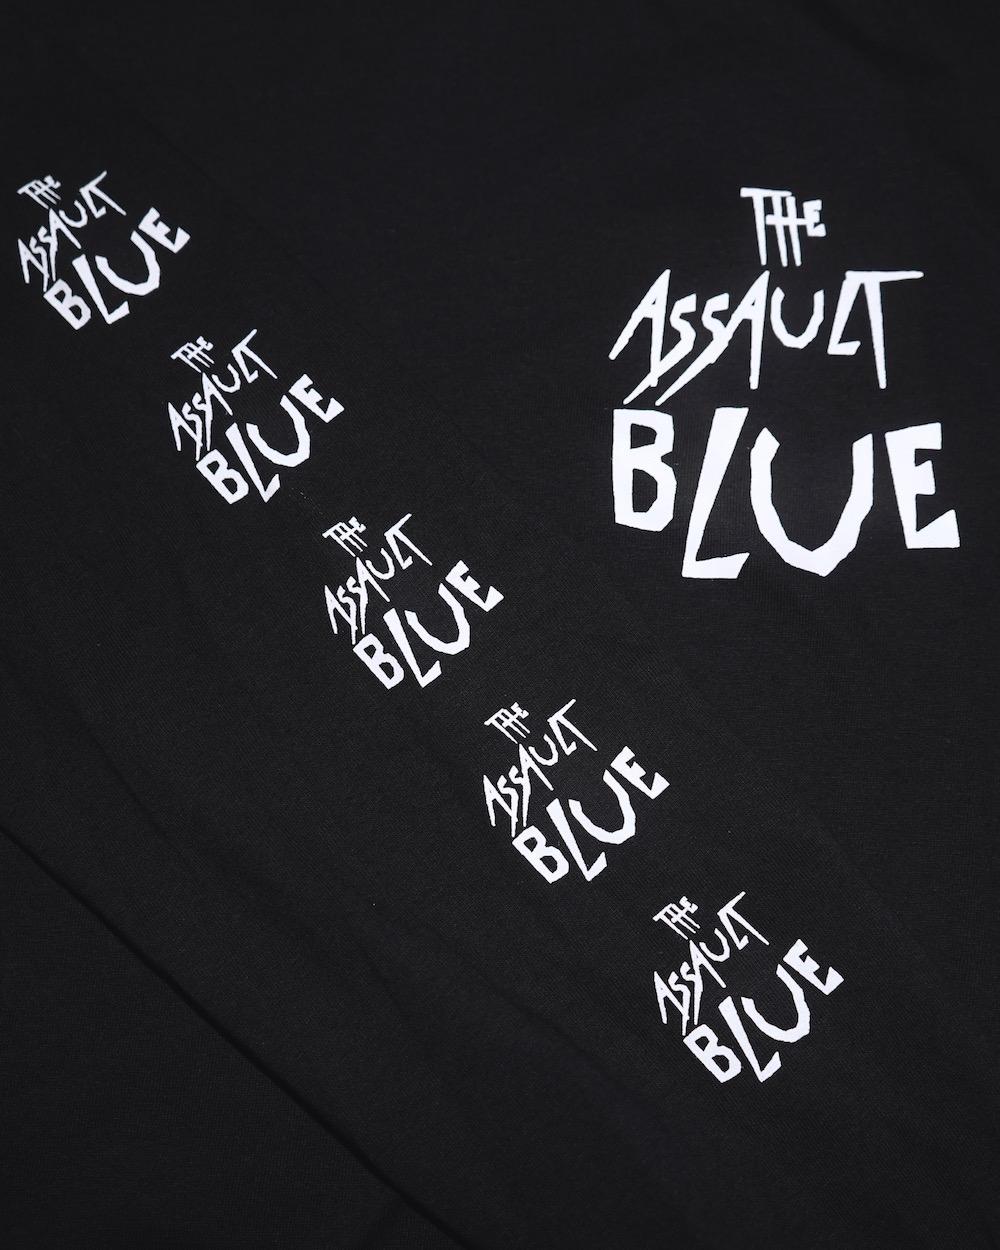 Scratch Logo Sleeve Big  L/S TEE (black) -ASSAULT BLUE-